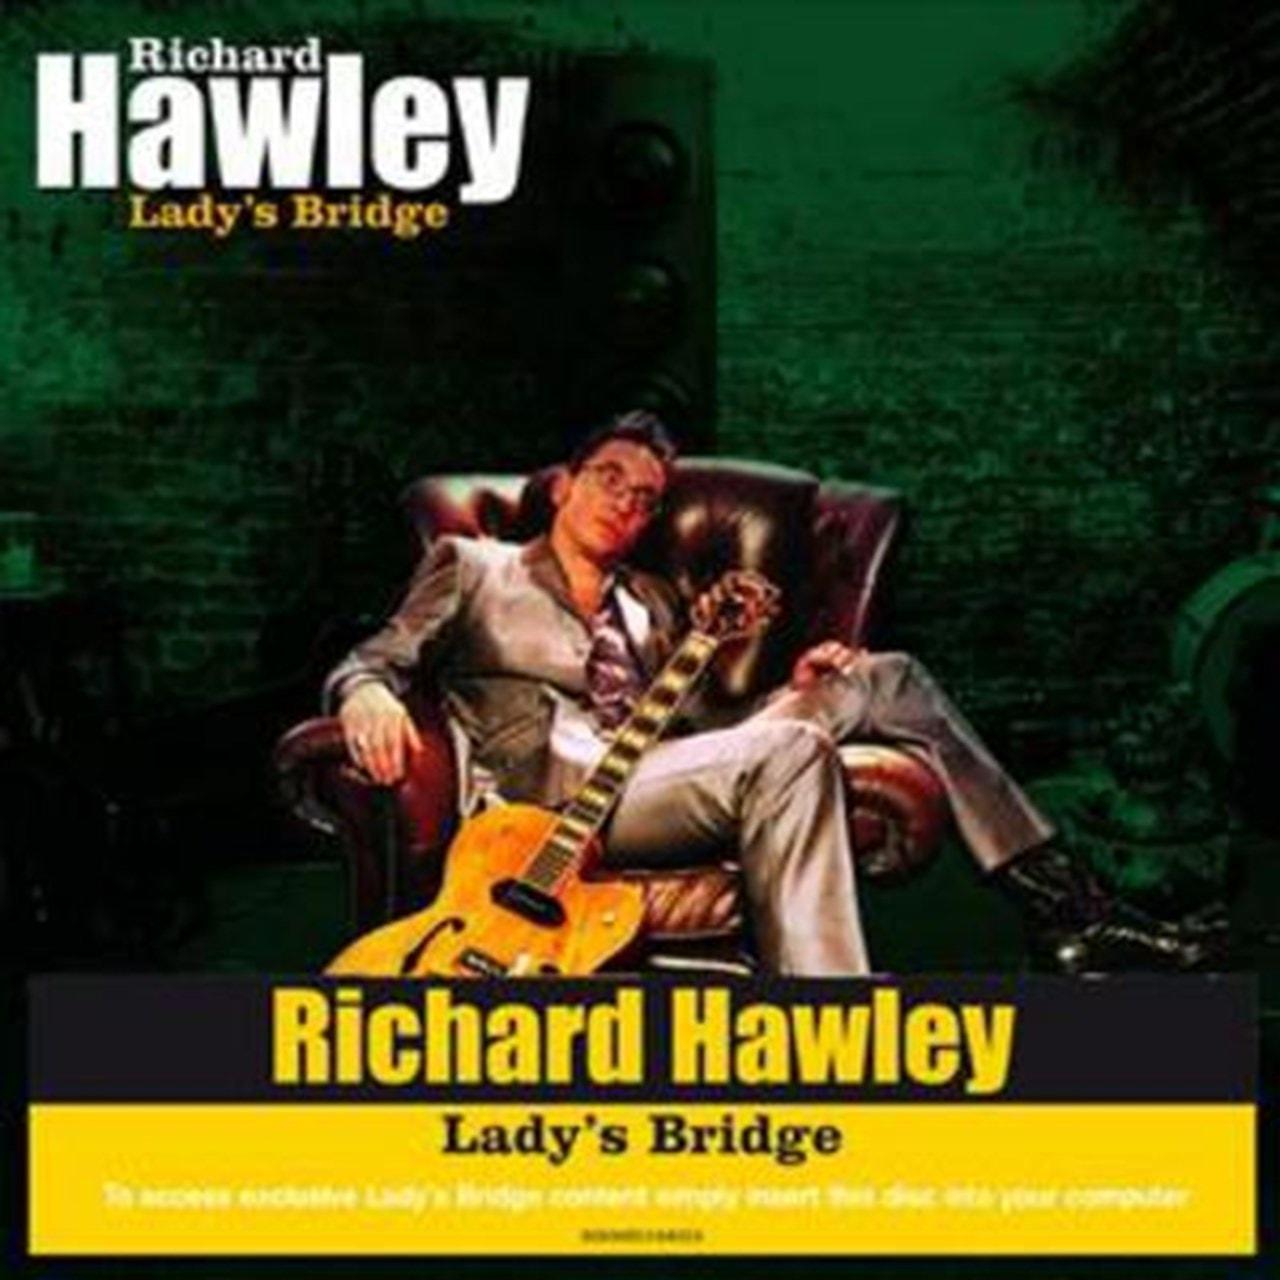 Lady's Bridge - 1